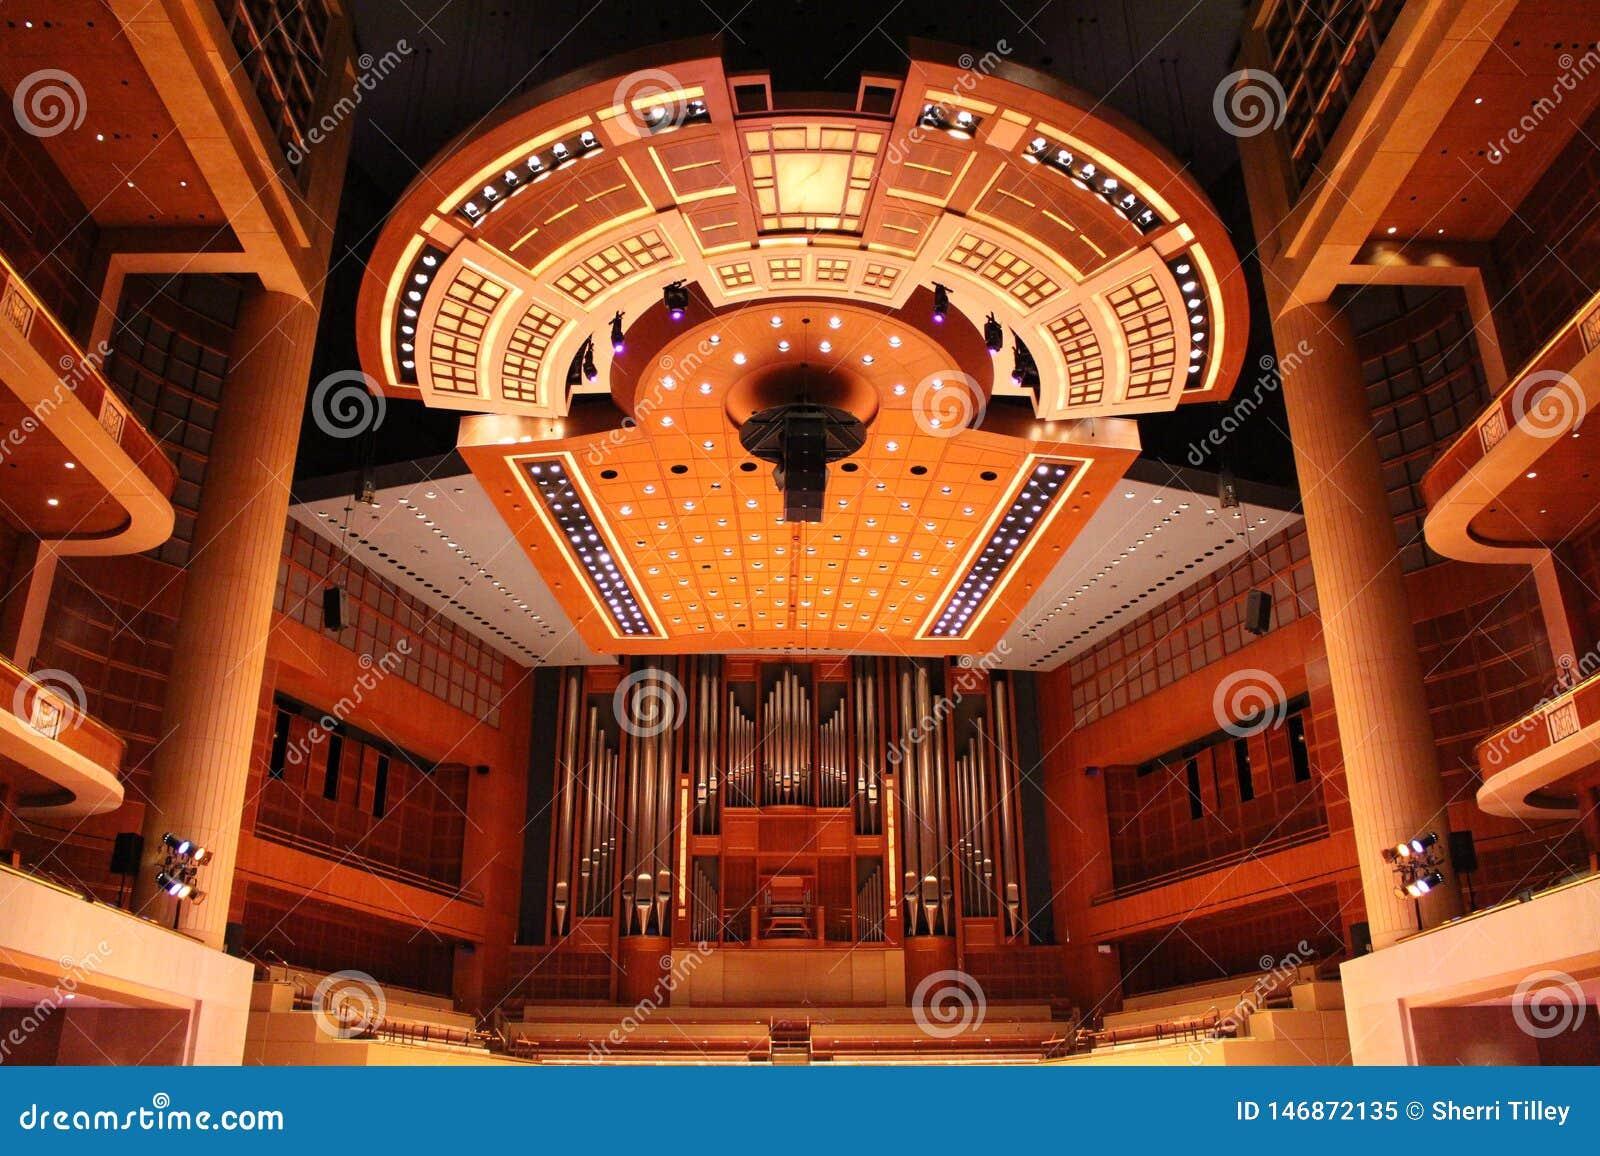 Центр симфонизма Meyerson, дом симфонического оркестра Даллас